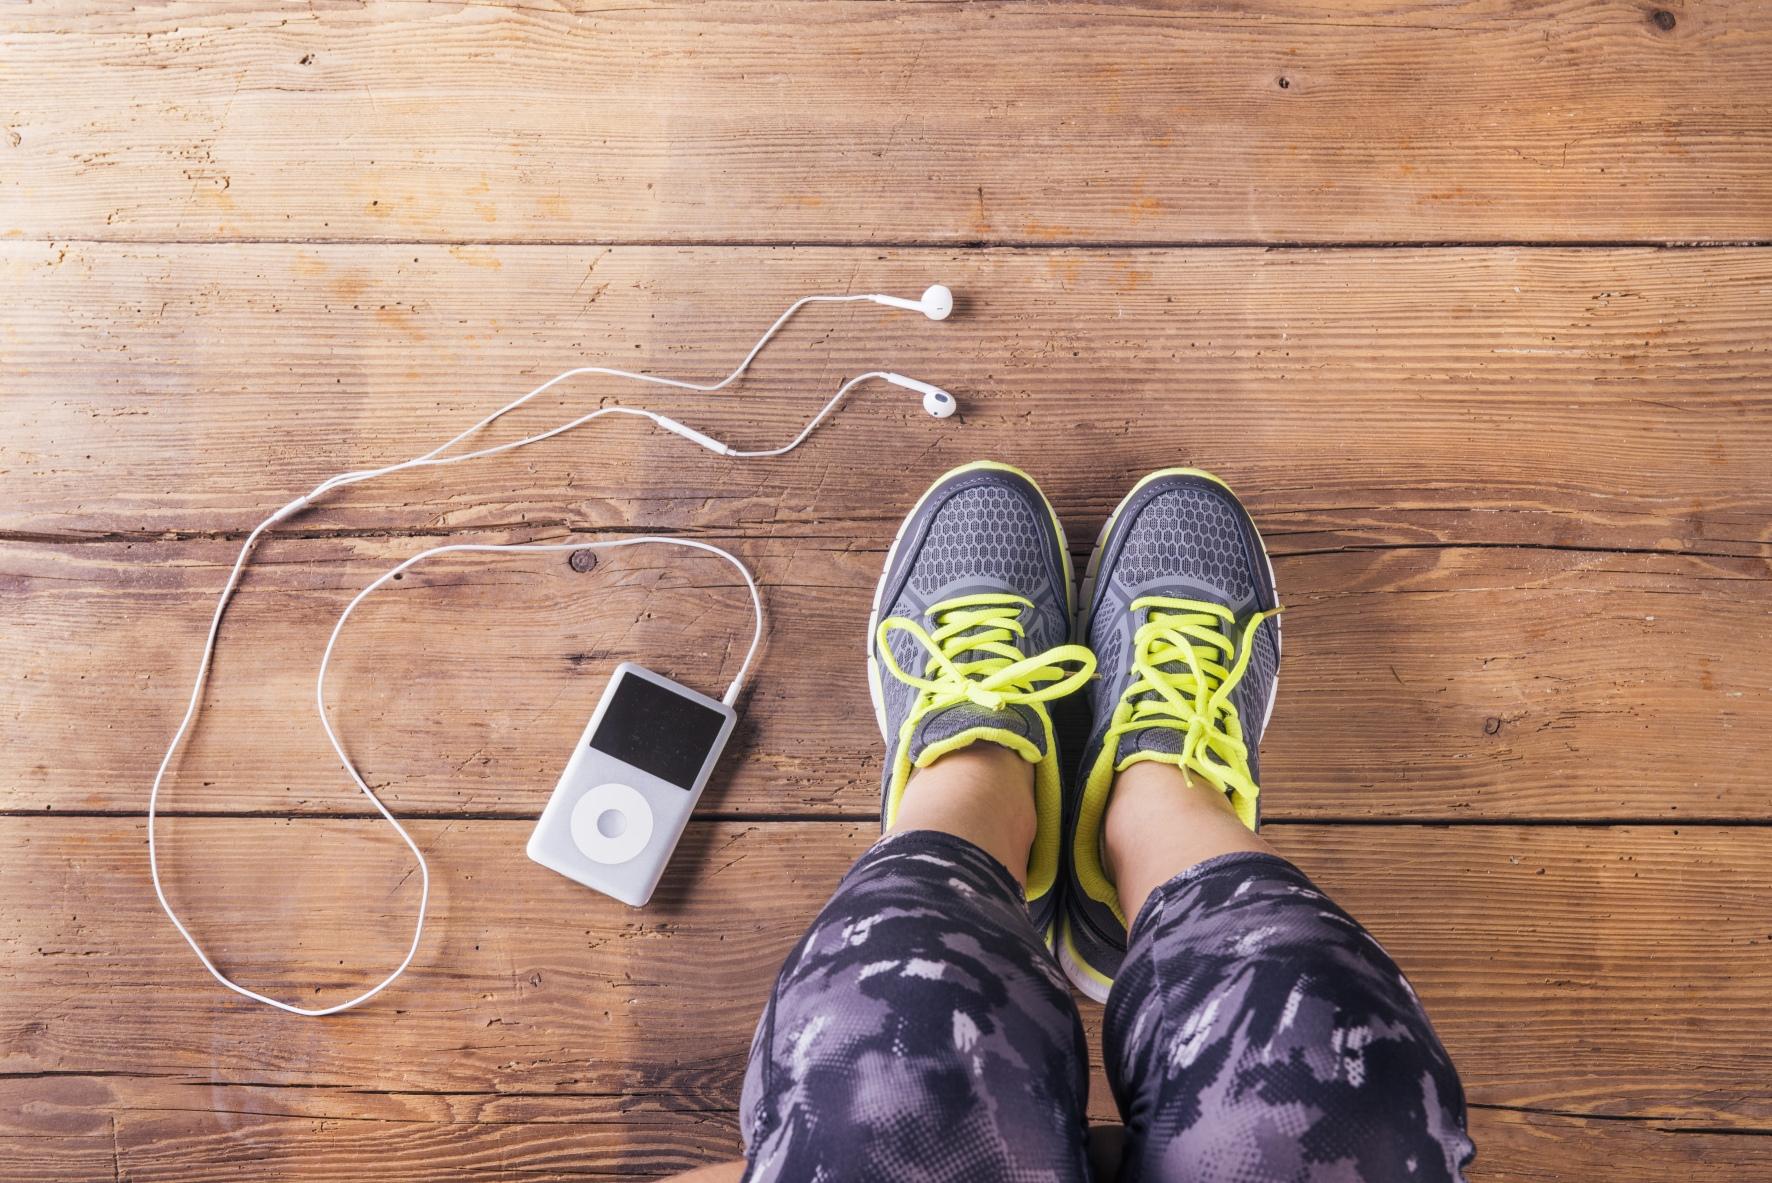 Runner & ipod